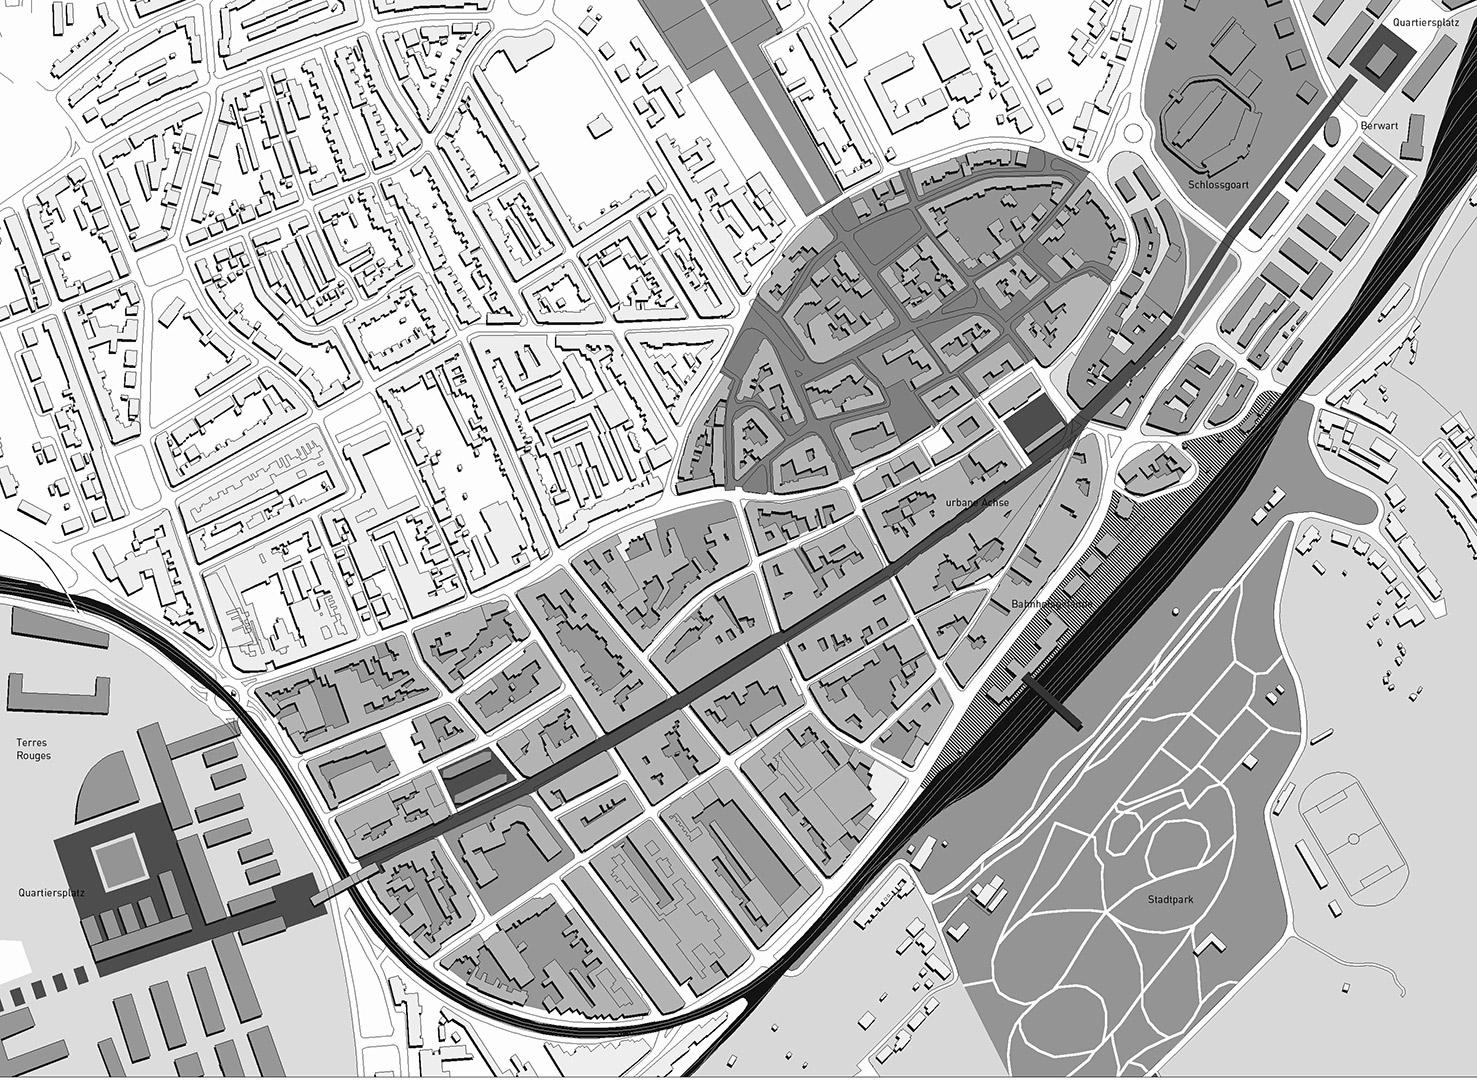 Stadtmobiliar, Esch zur Alzette | Sauerzapfe Architekten